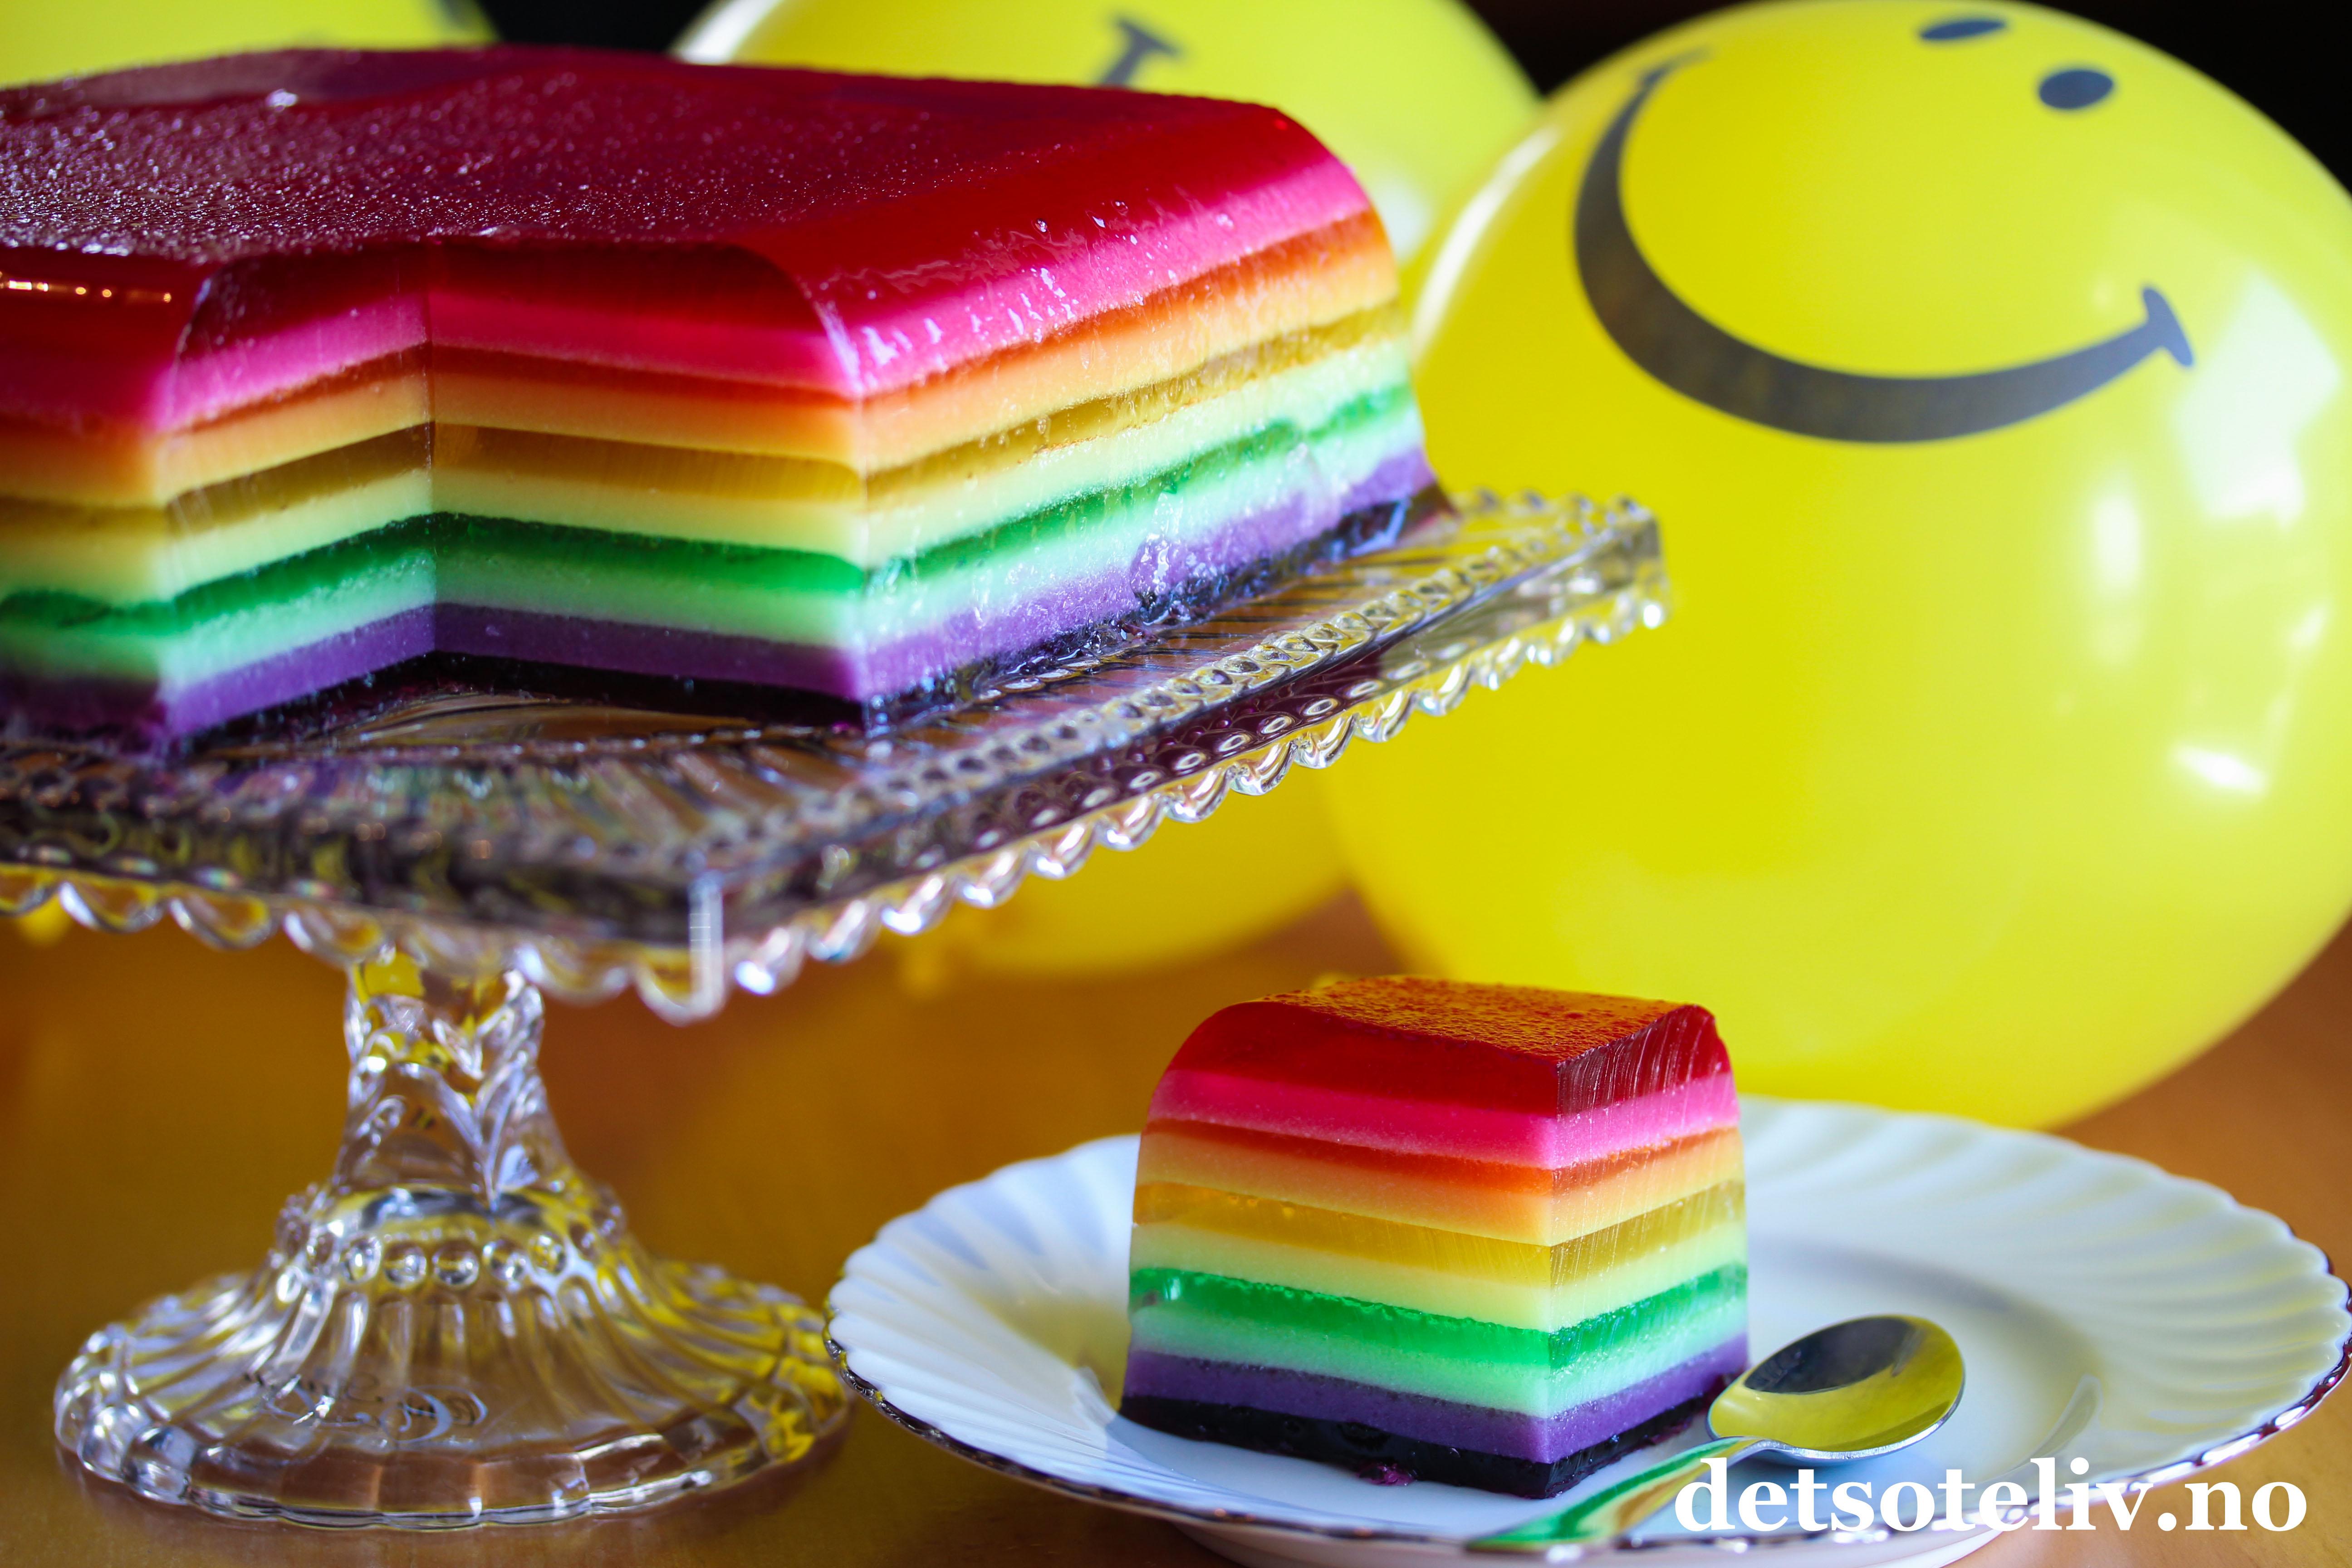 Gel 233 Kake Jelly Cake Andre Gel 233 Tips Det S 248 Te Liv